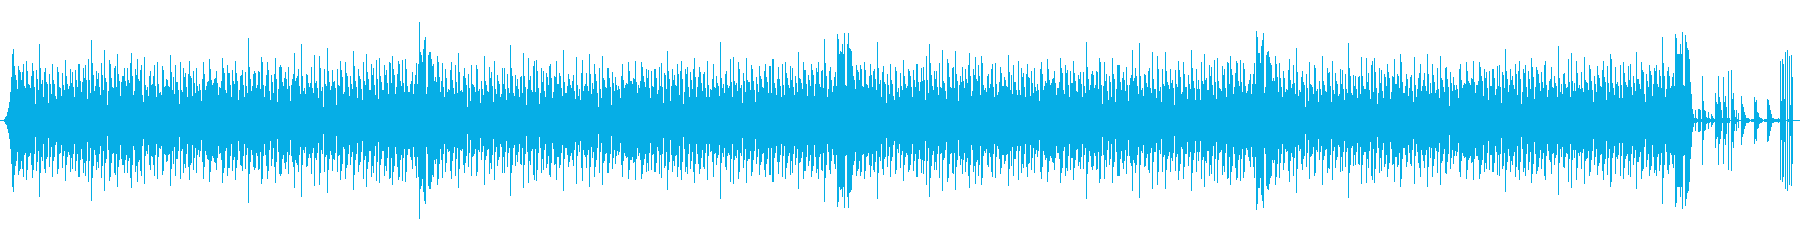 Kawaii系エレクトロ風BGMです。の再生済みの波形